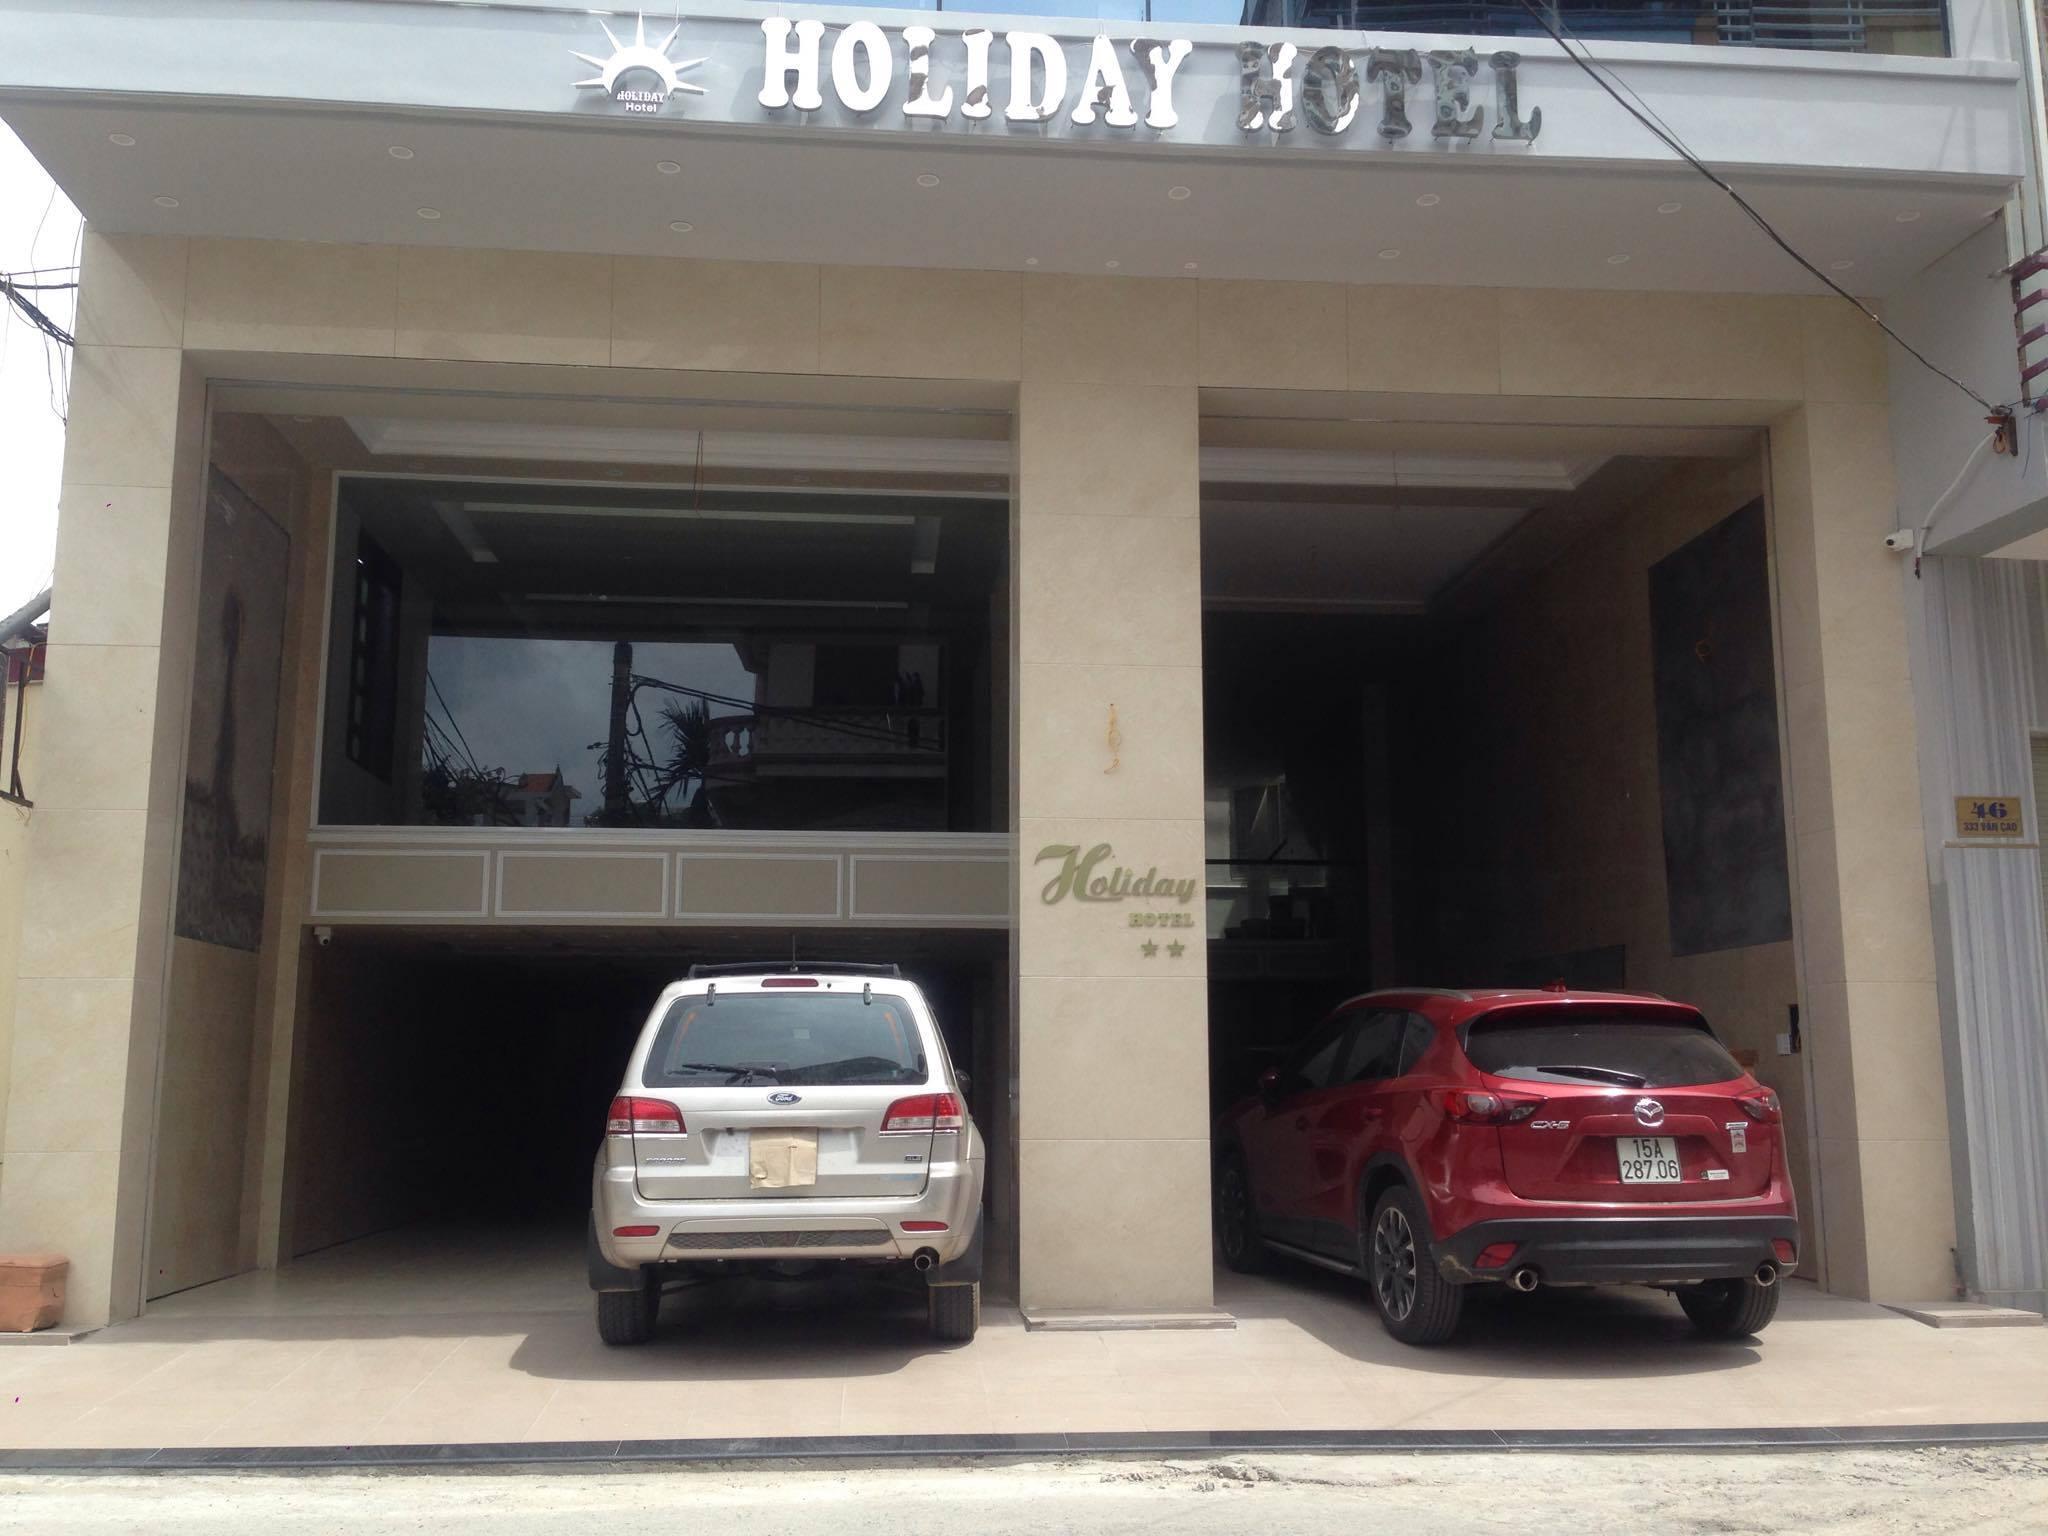 Holiday Hotel Haiphong